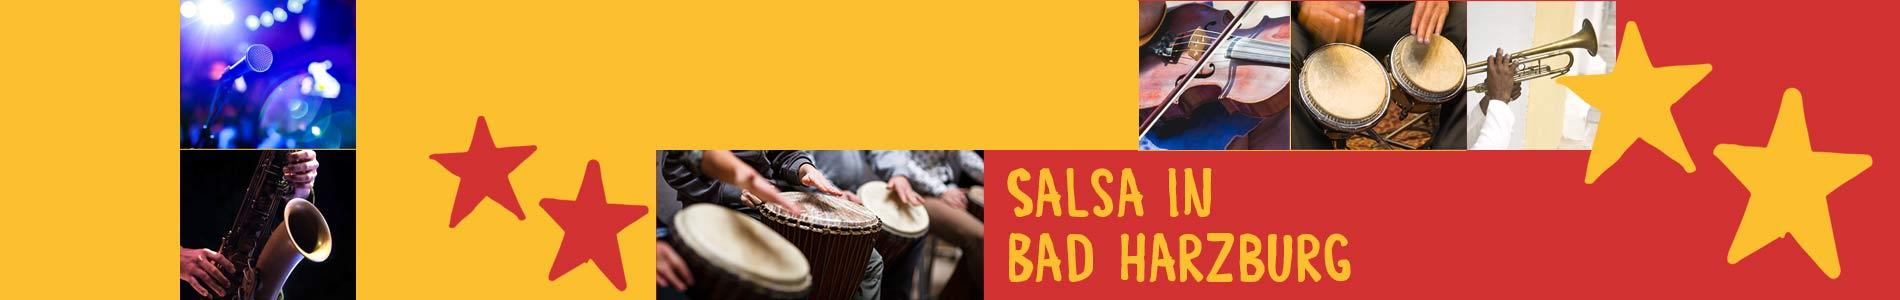 Salsa in Bad Harzburg – Salsa lernen und tanzen, Tanzkurse, Partys, Veranstaltungen